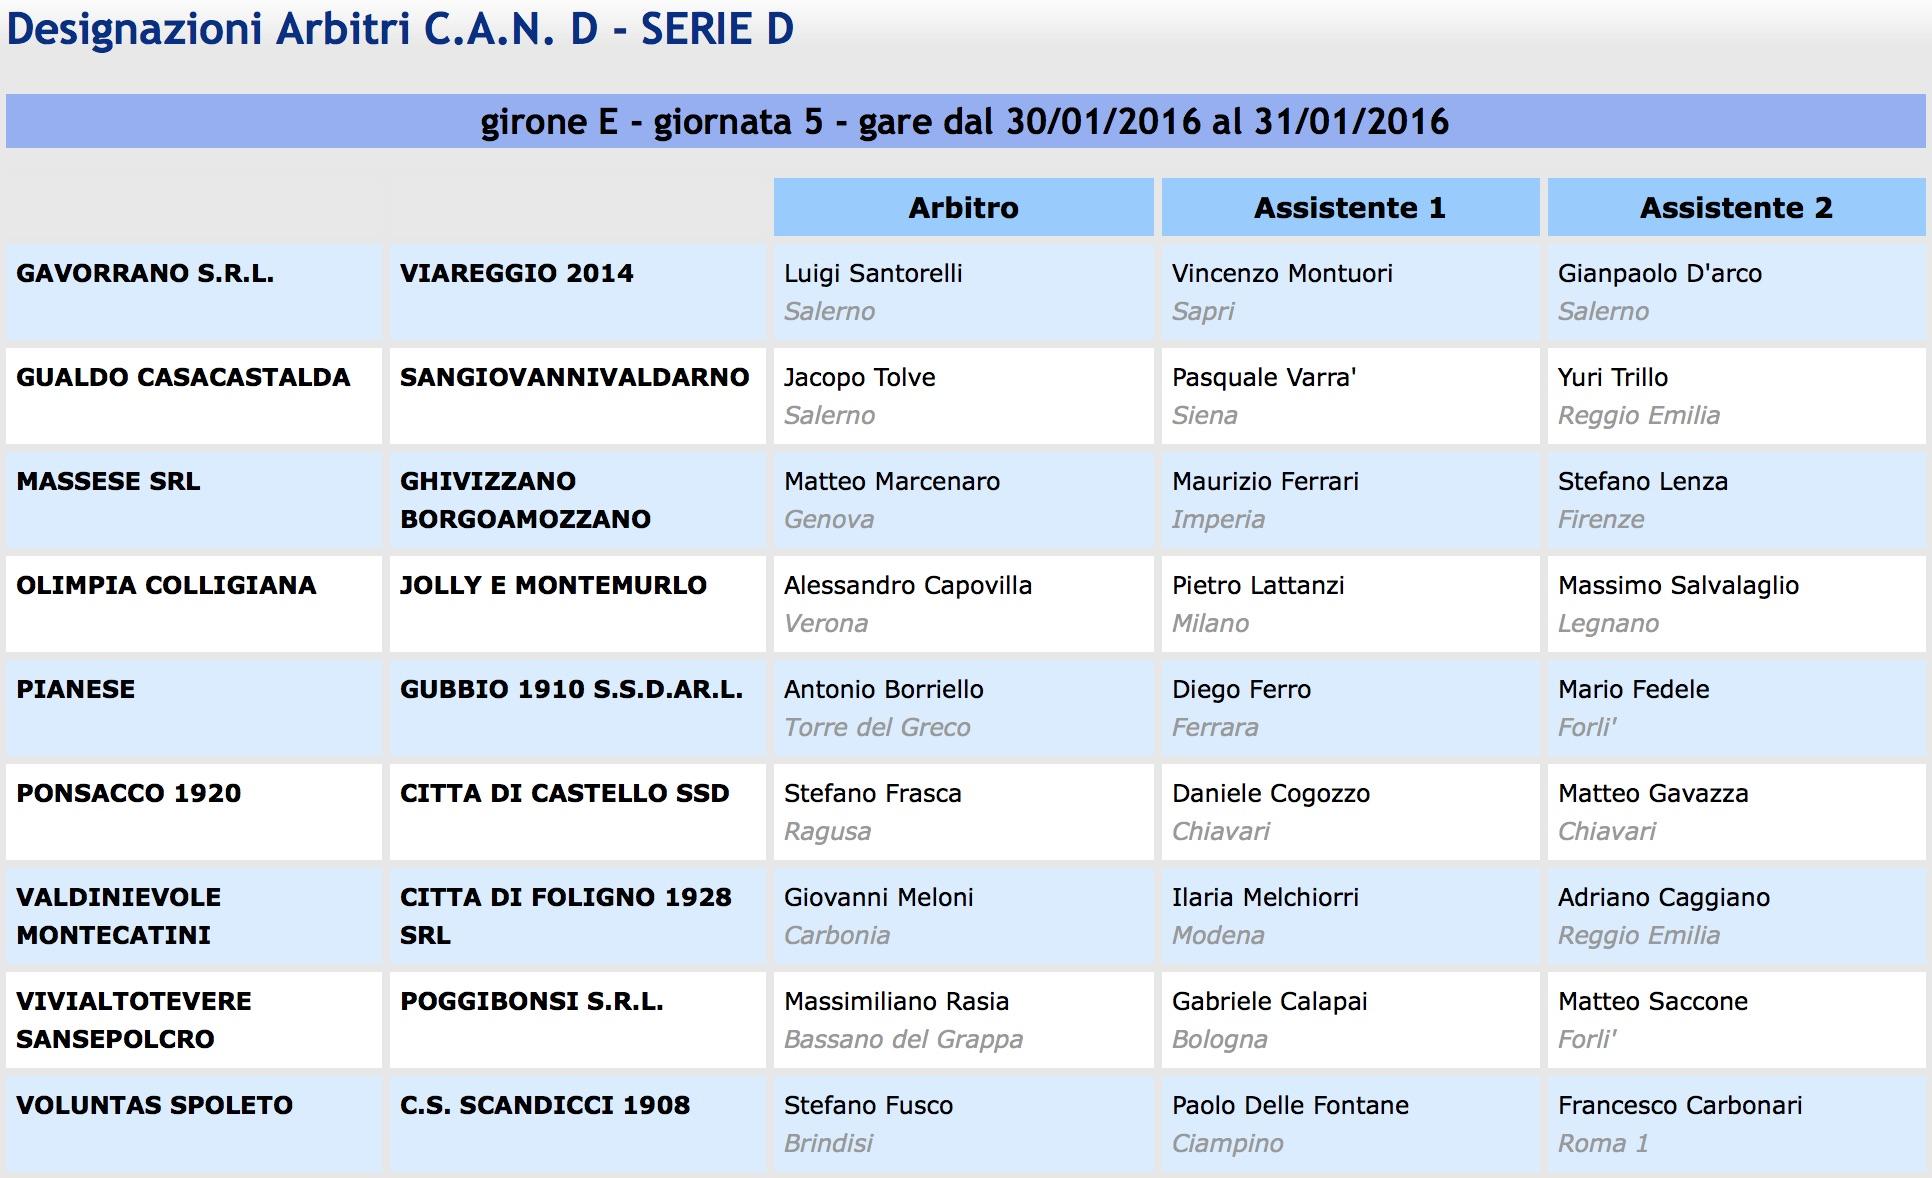 designazioni arbitrali 21ª giornata Serie D girone E